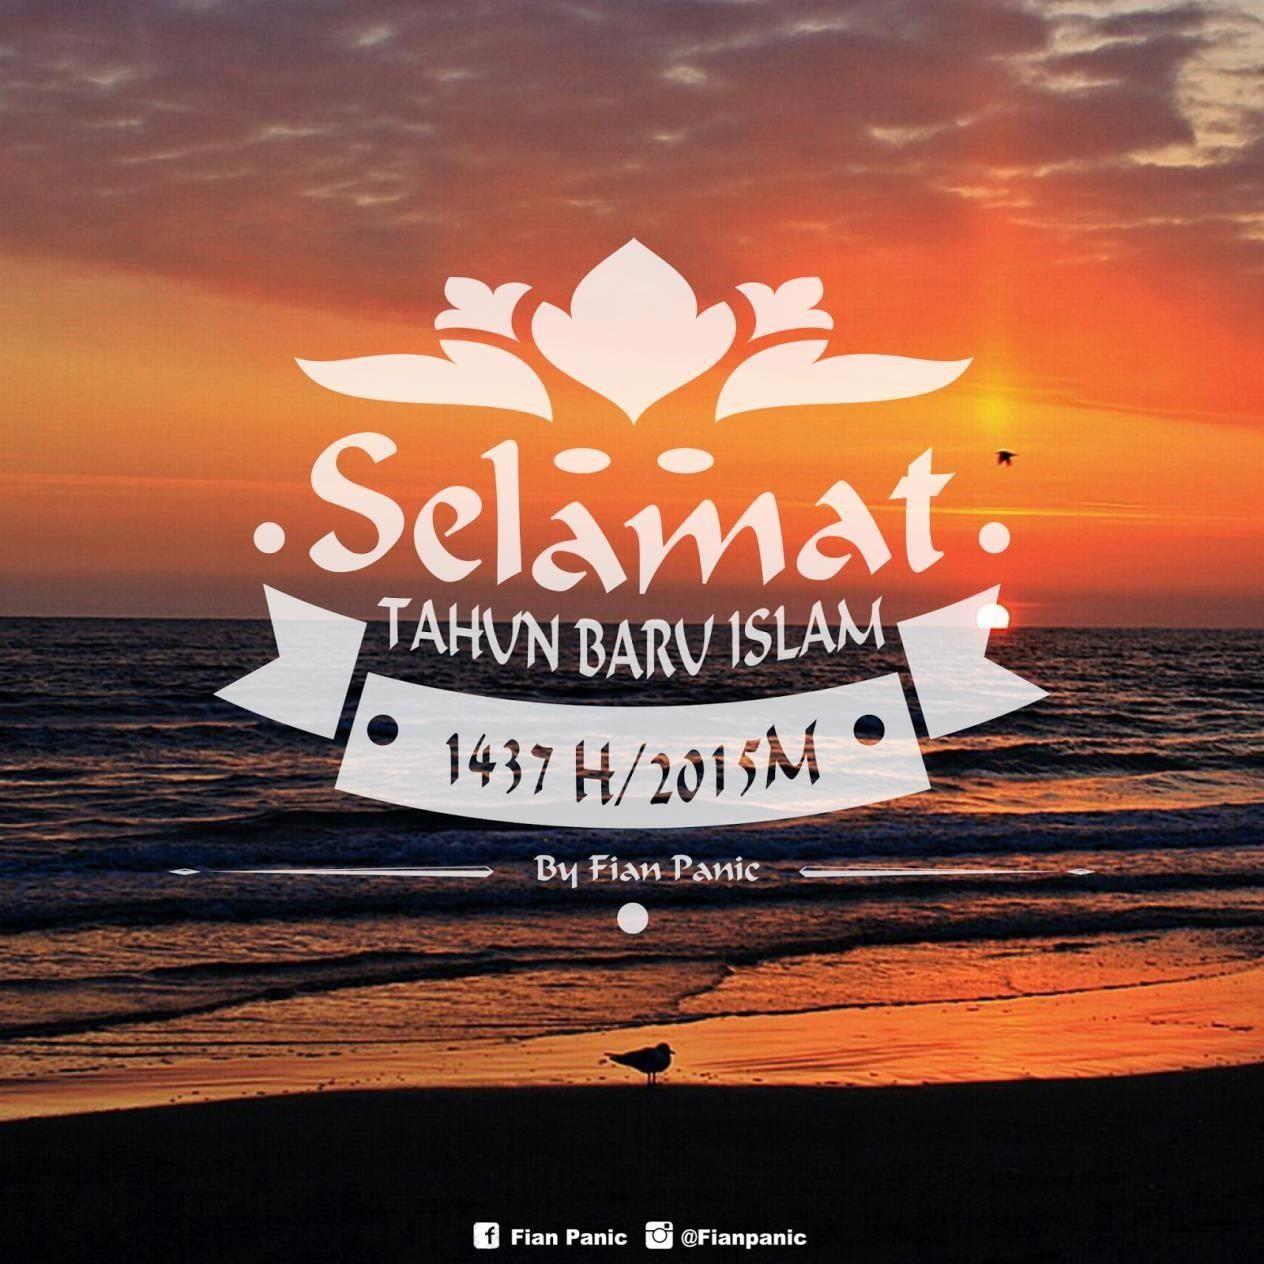 Koleksi Gambar Ucapan Selamat Tahun Baru Islam Hijriyah  Islam